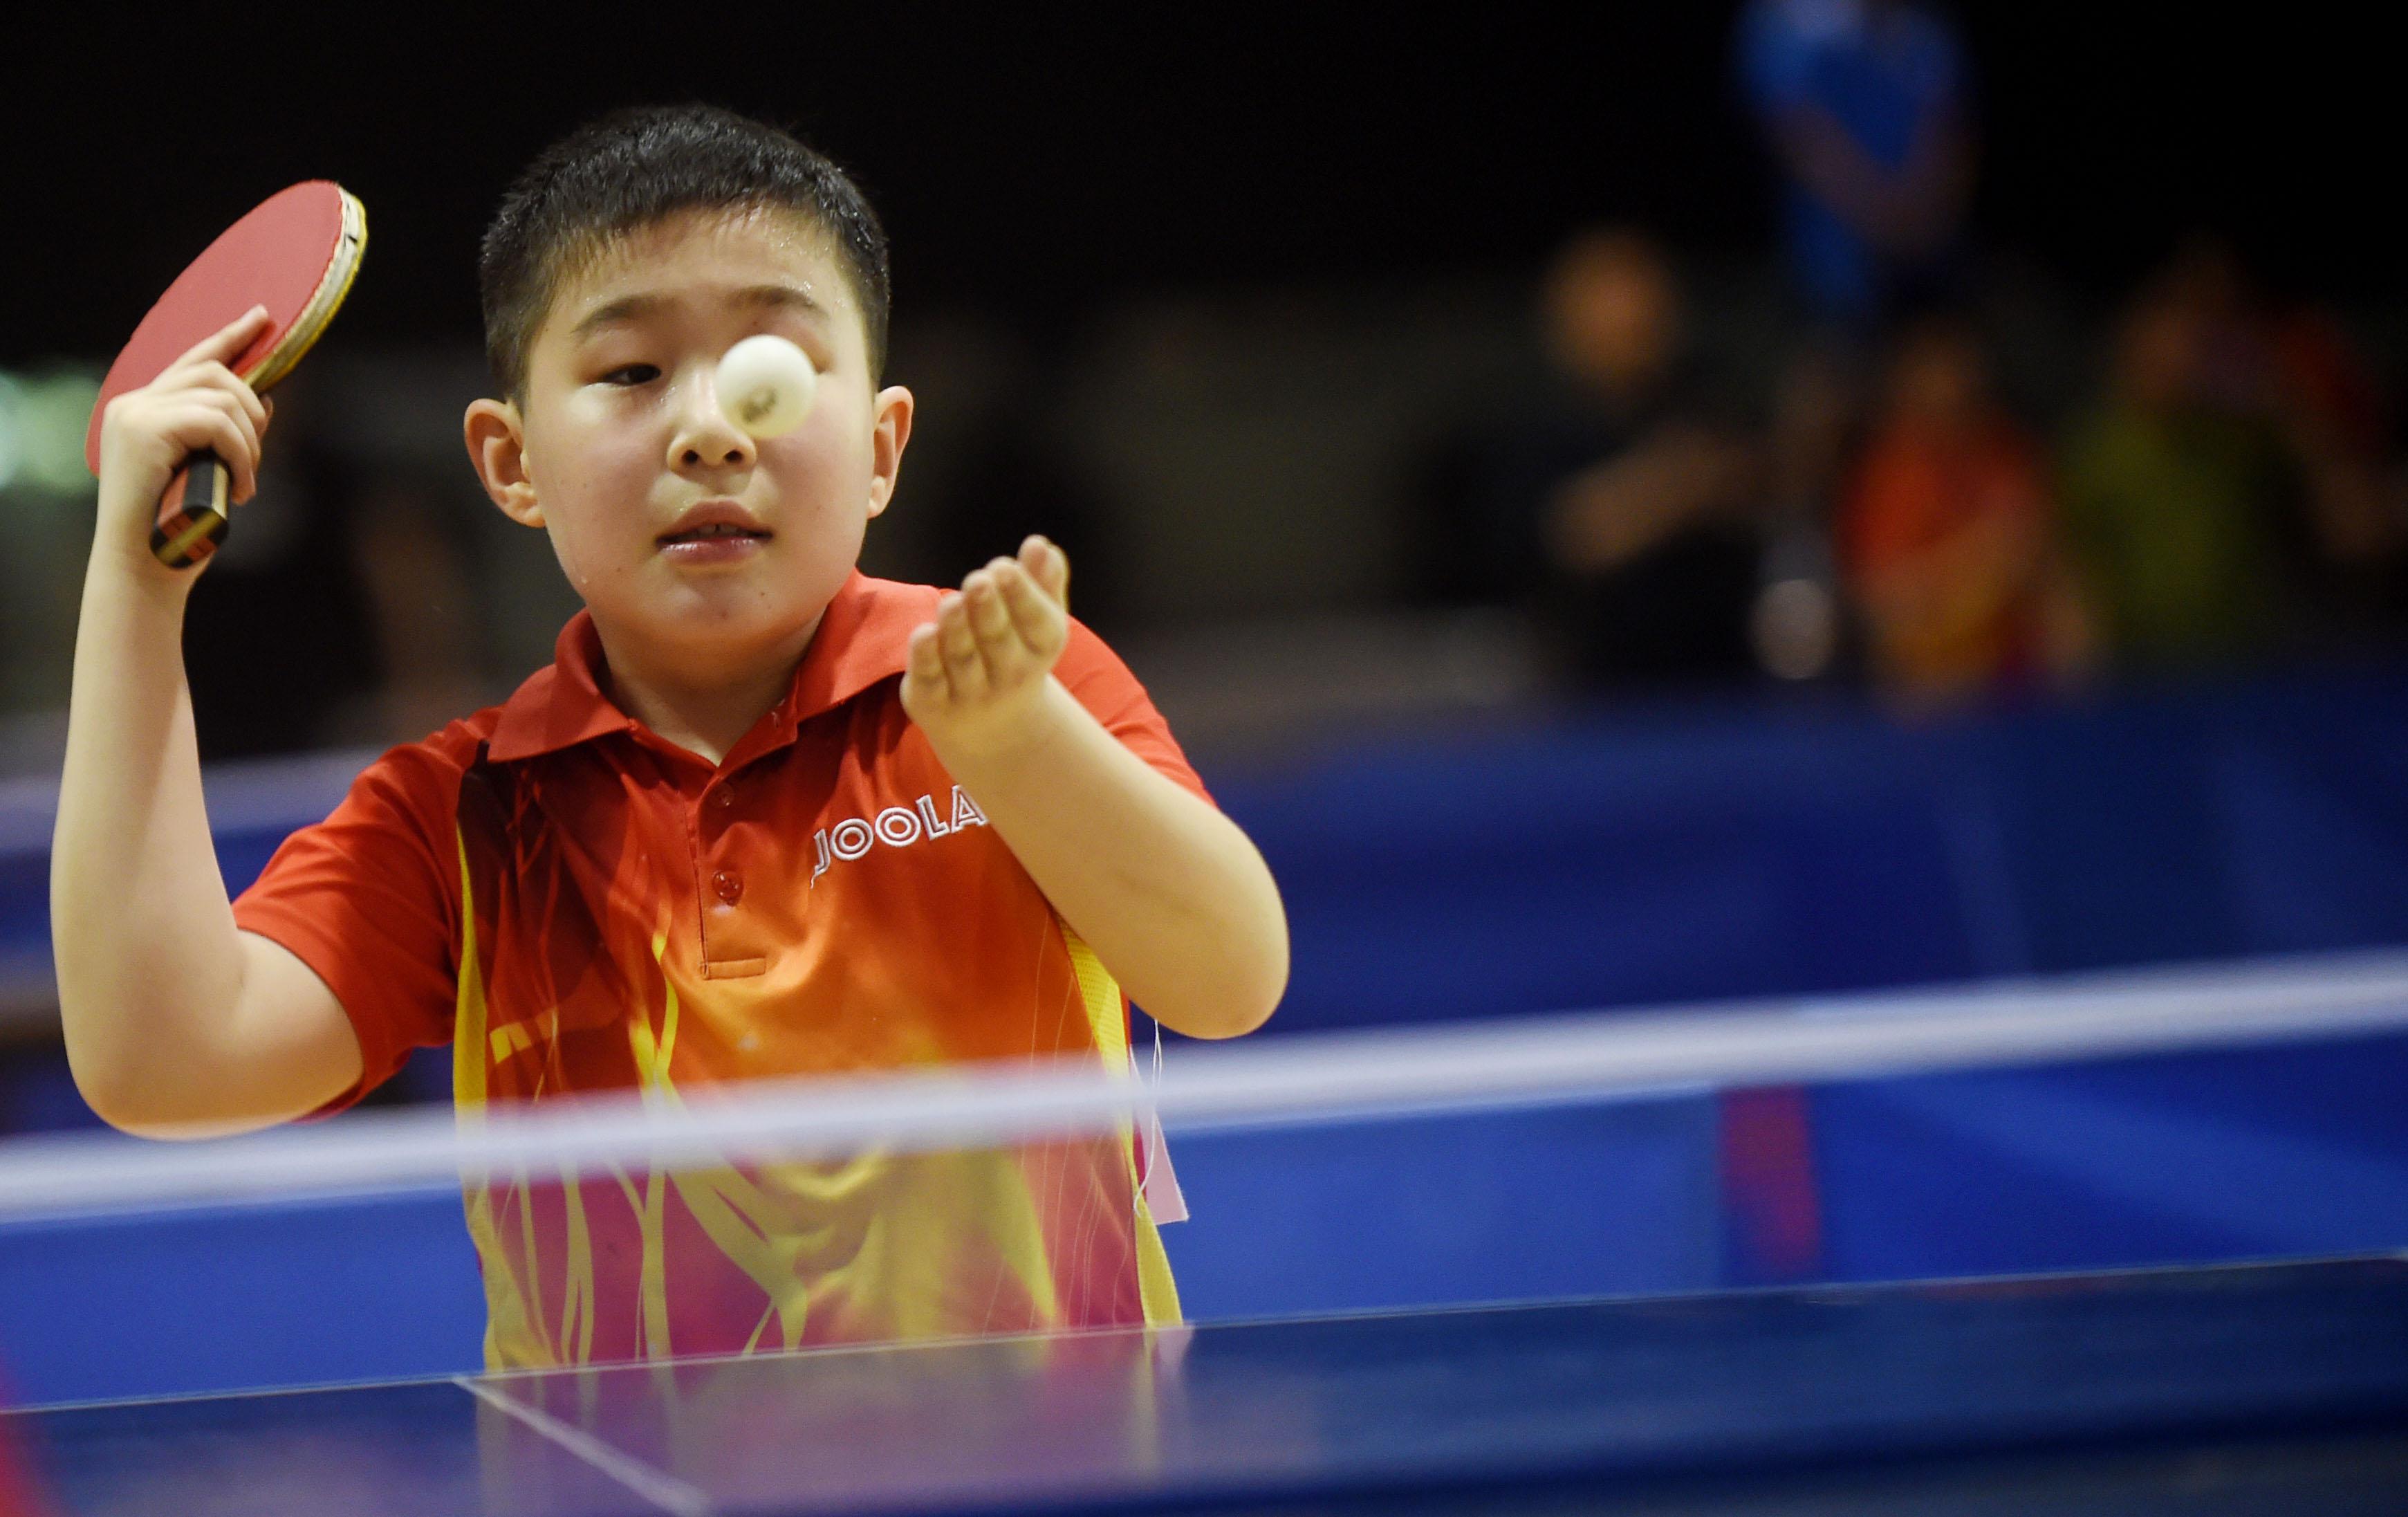 来自全市共500名乒乓球小运动员参加了此项赛事